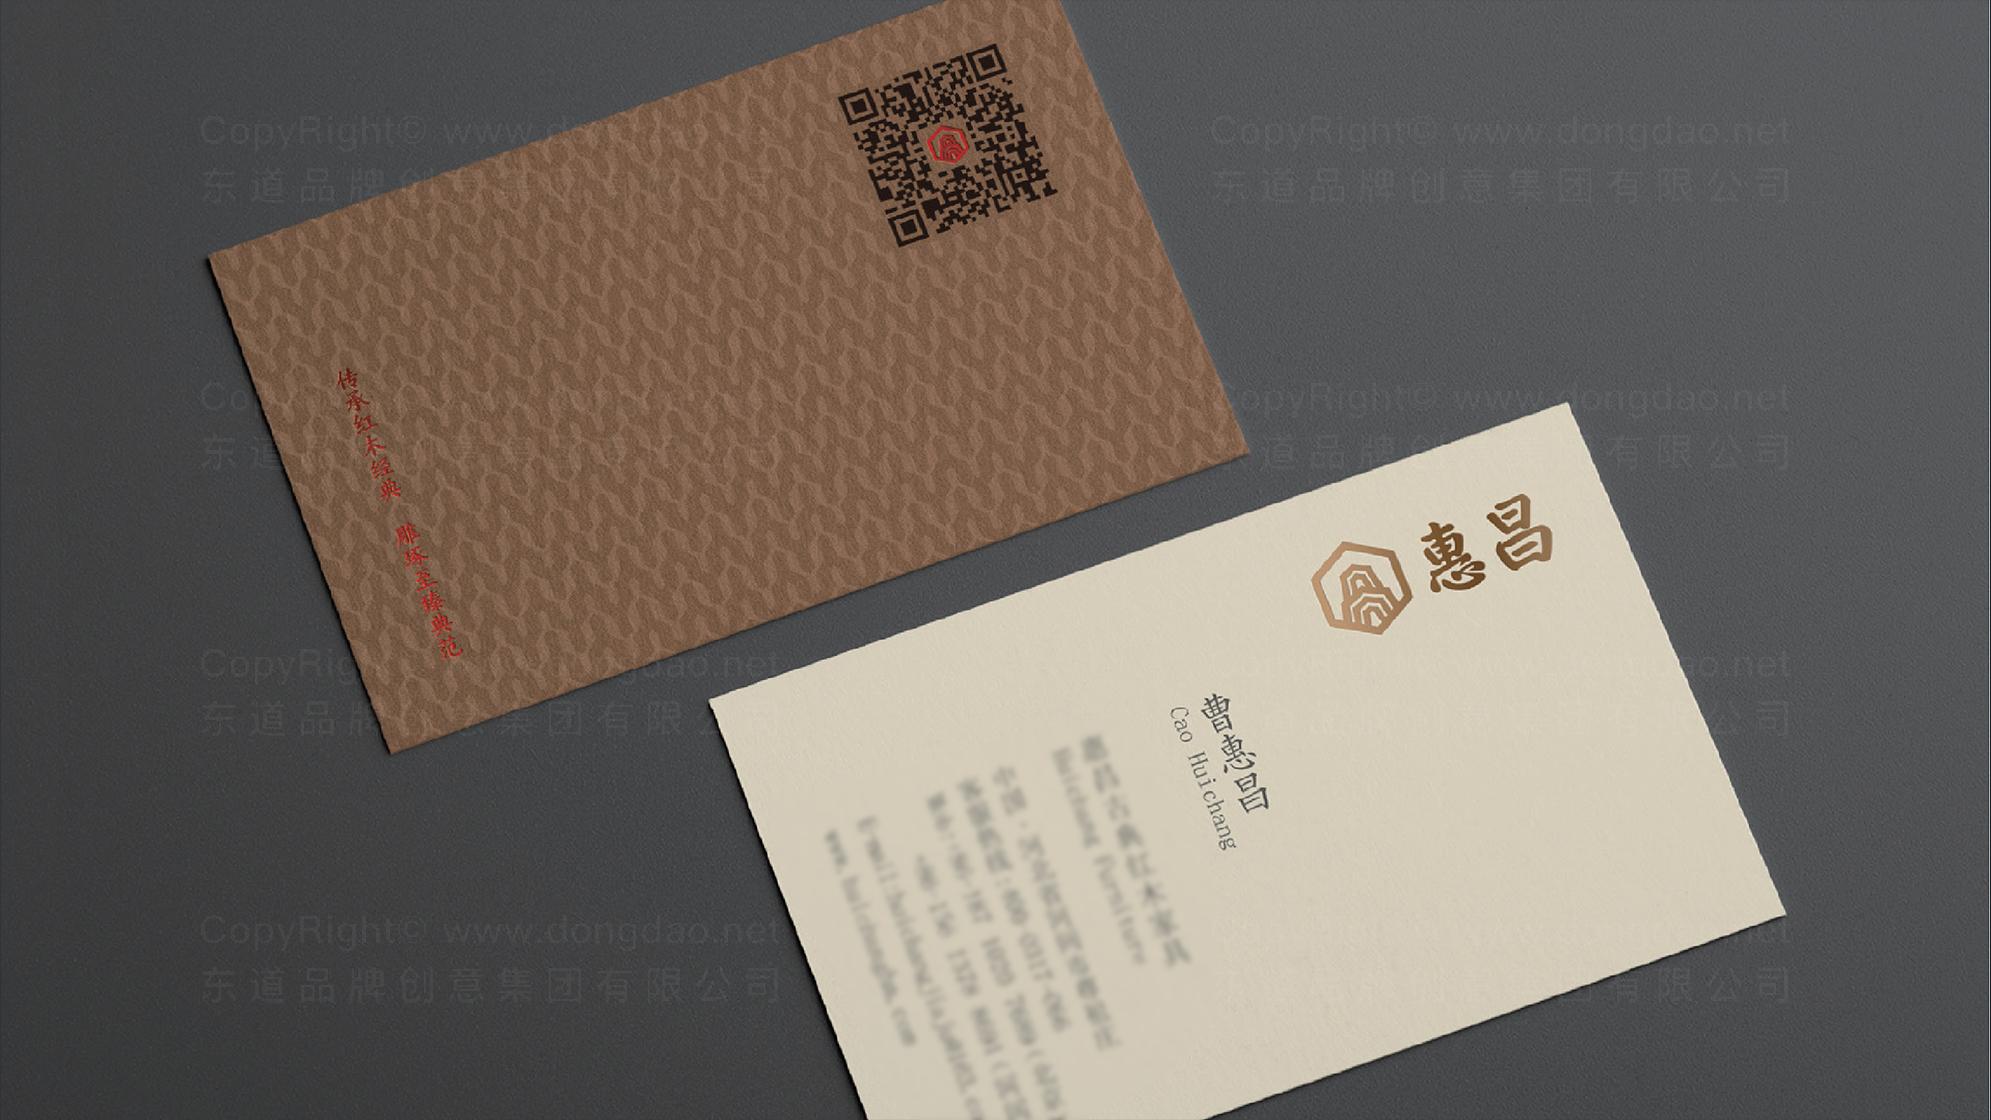 品牌设计惠昌集团LOGO&VI设计应用场景_3